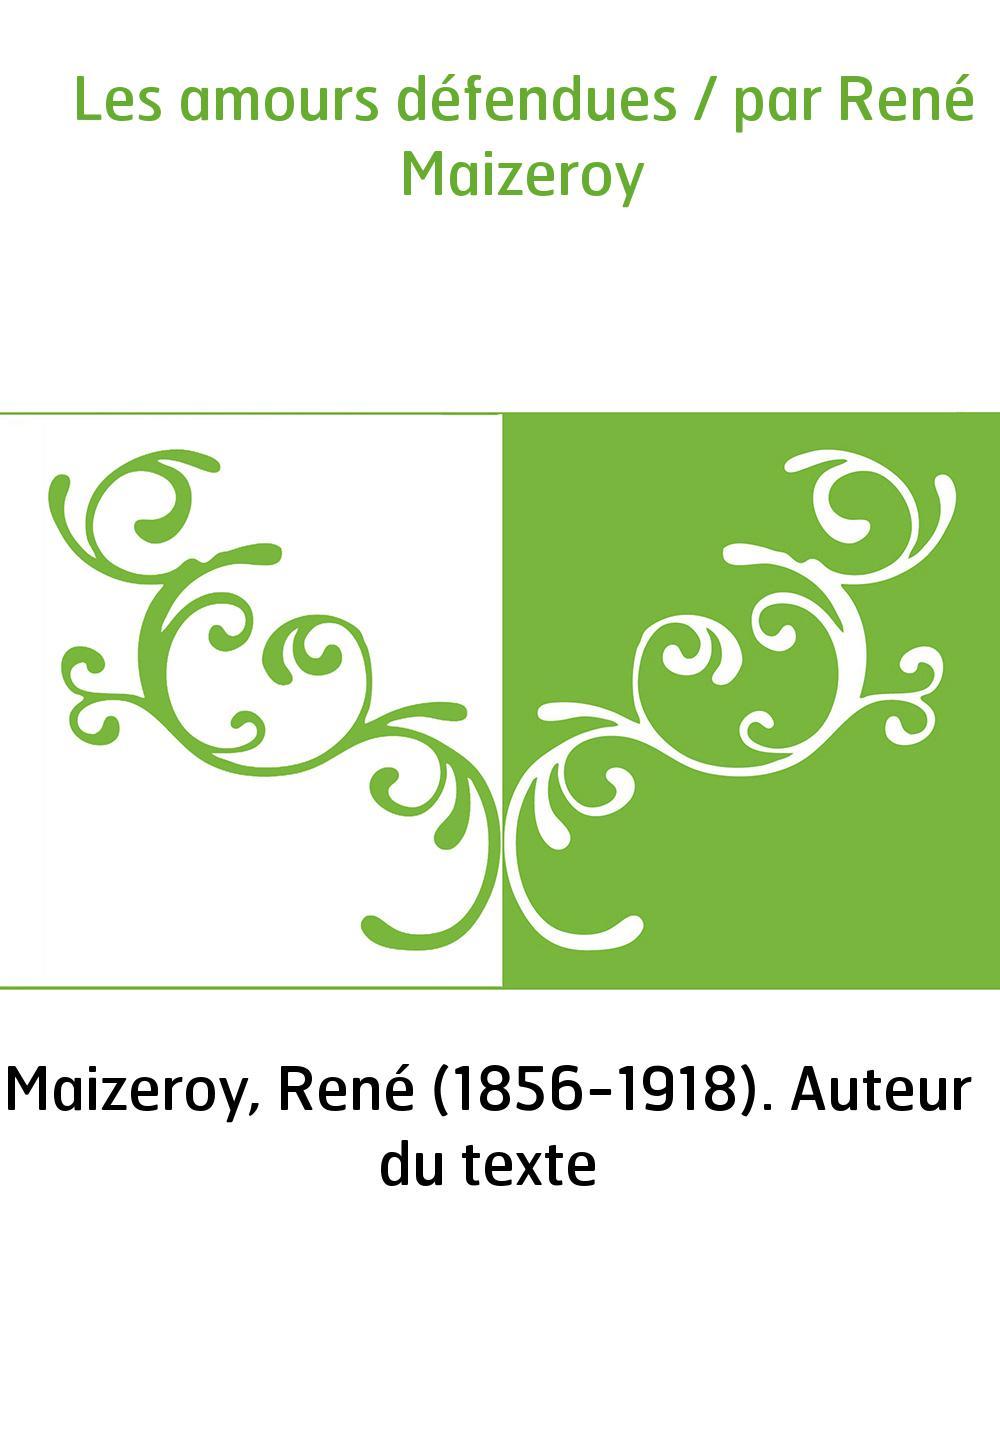 Les amours défendues / par René Maizeroy